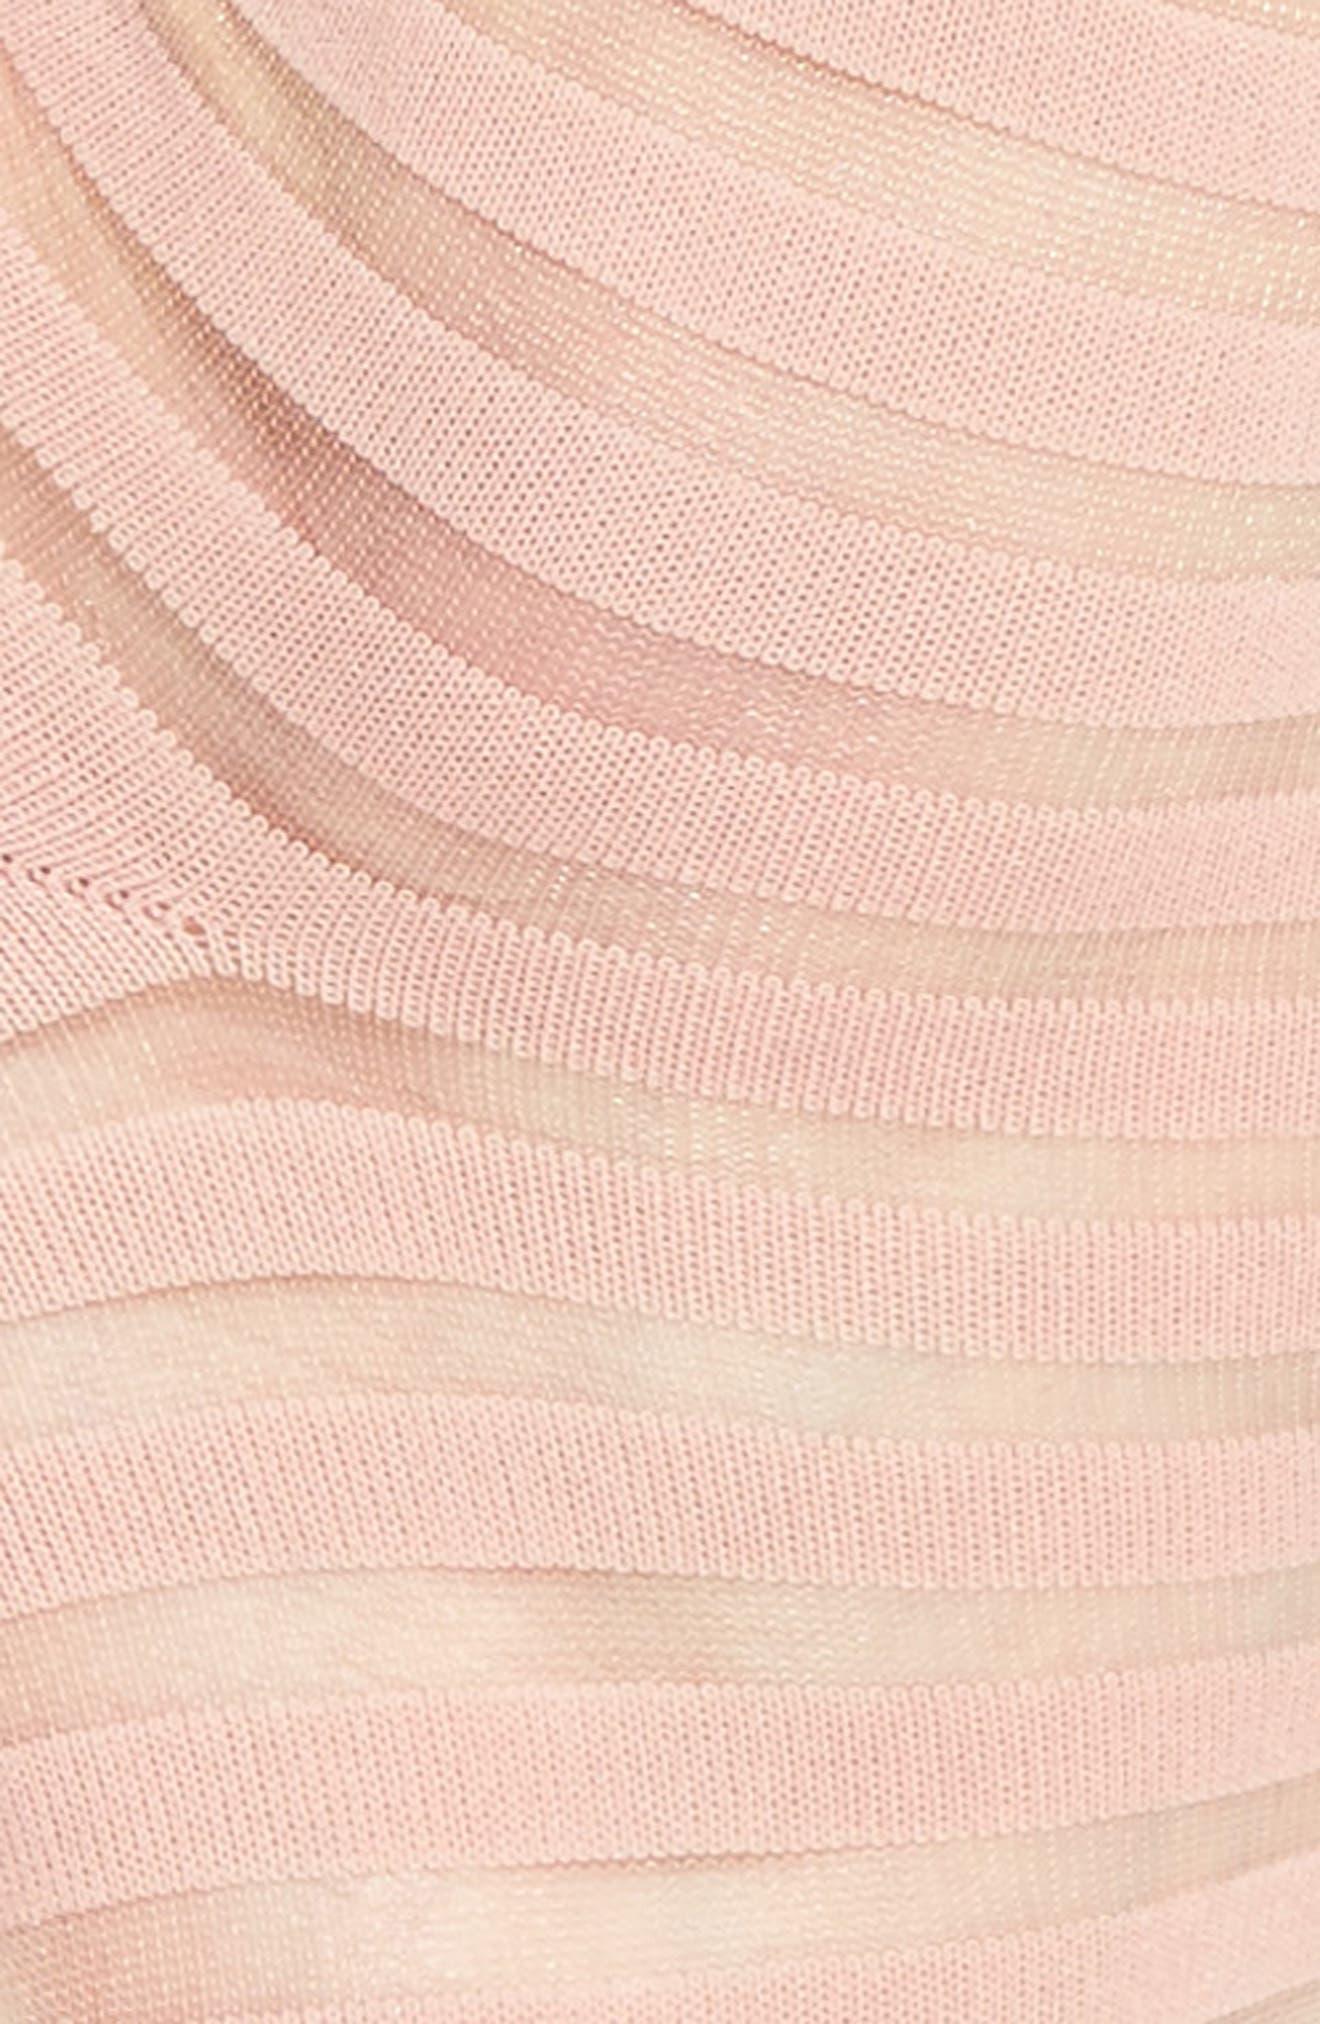 sheer stripe ankle socks,                             Alternate thumbnail 2, color,                             260